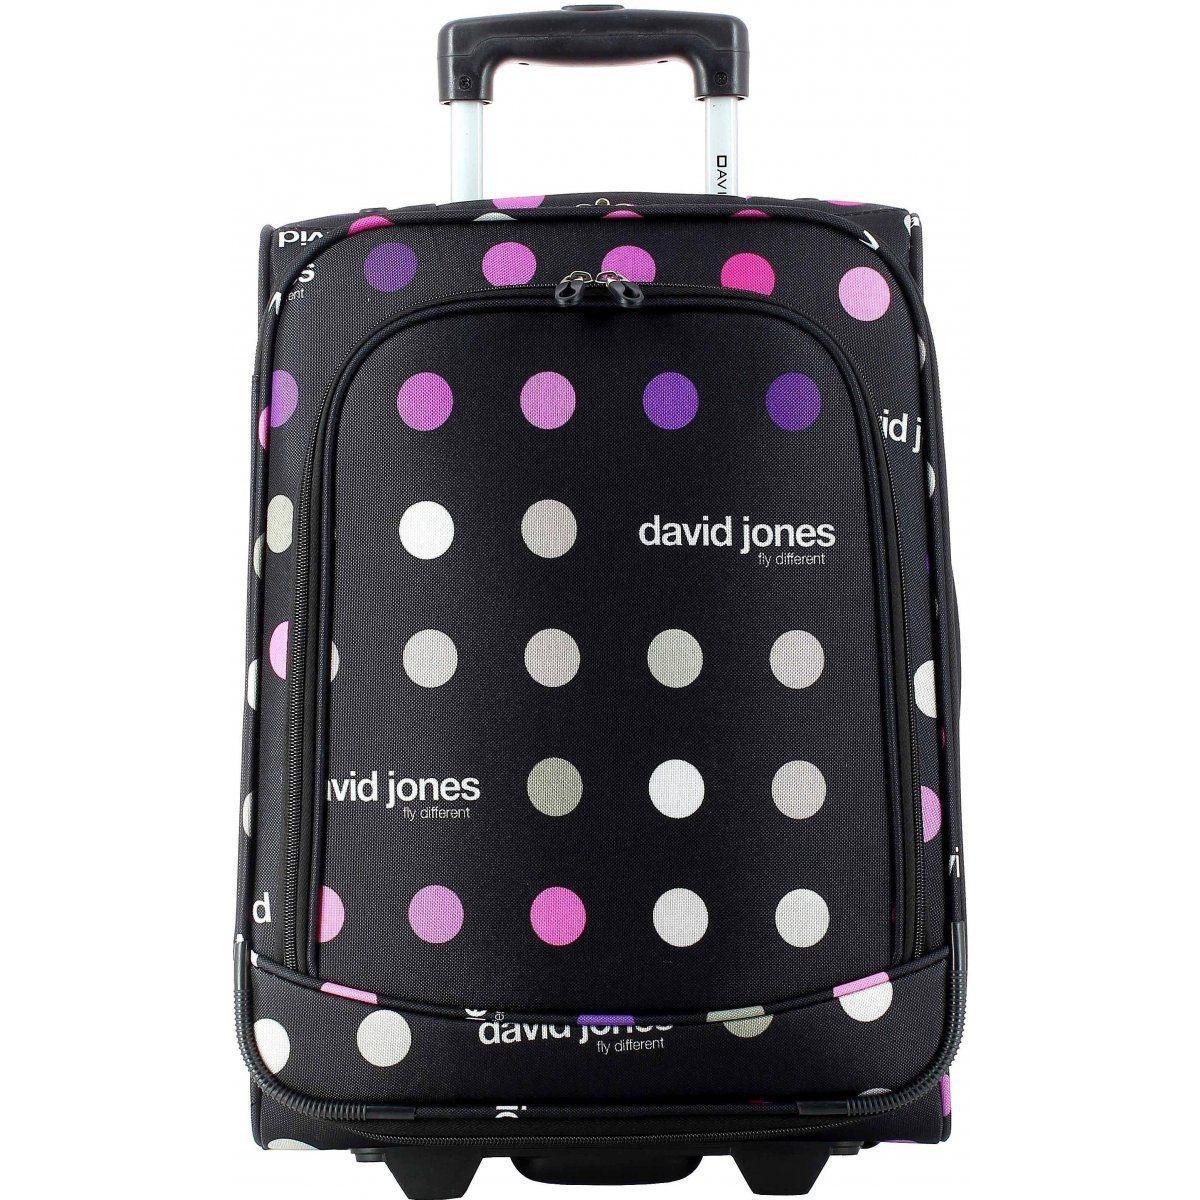 valise cabine David Jones Ryanair 2